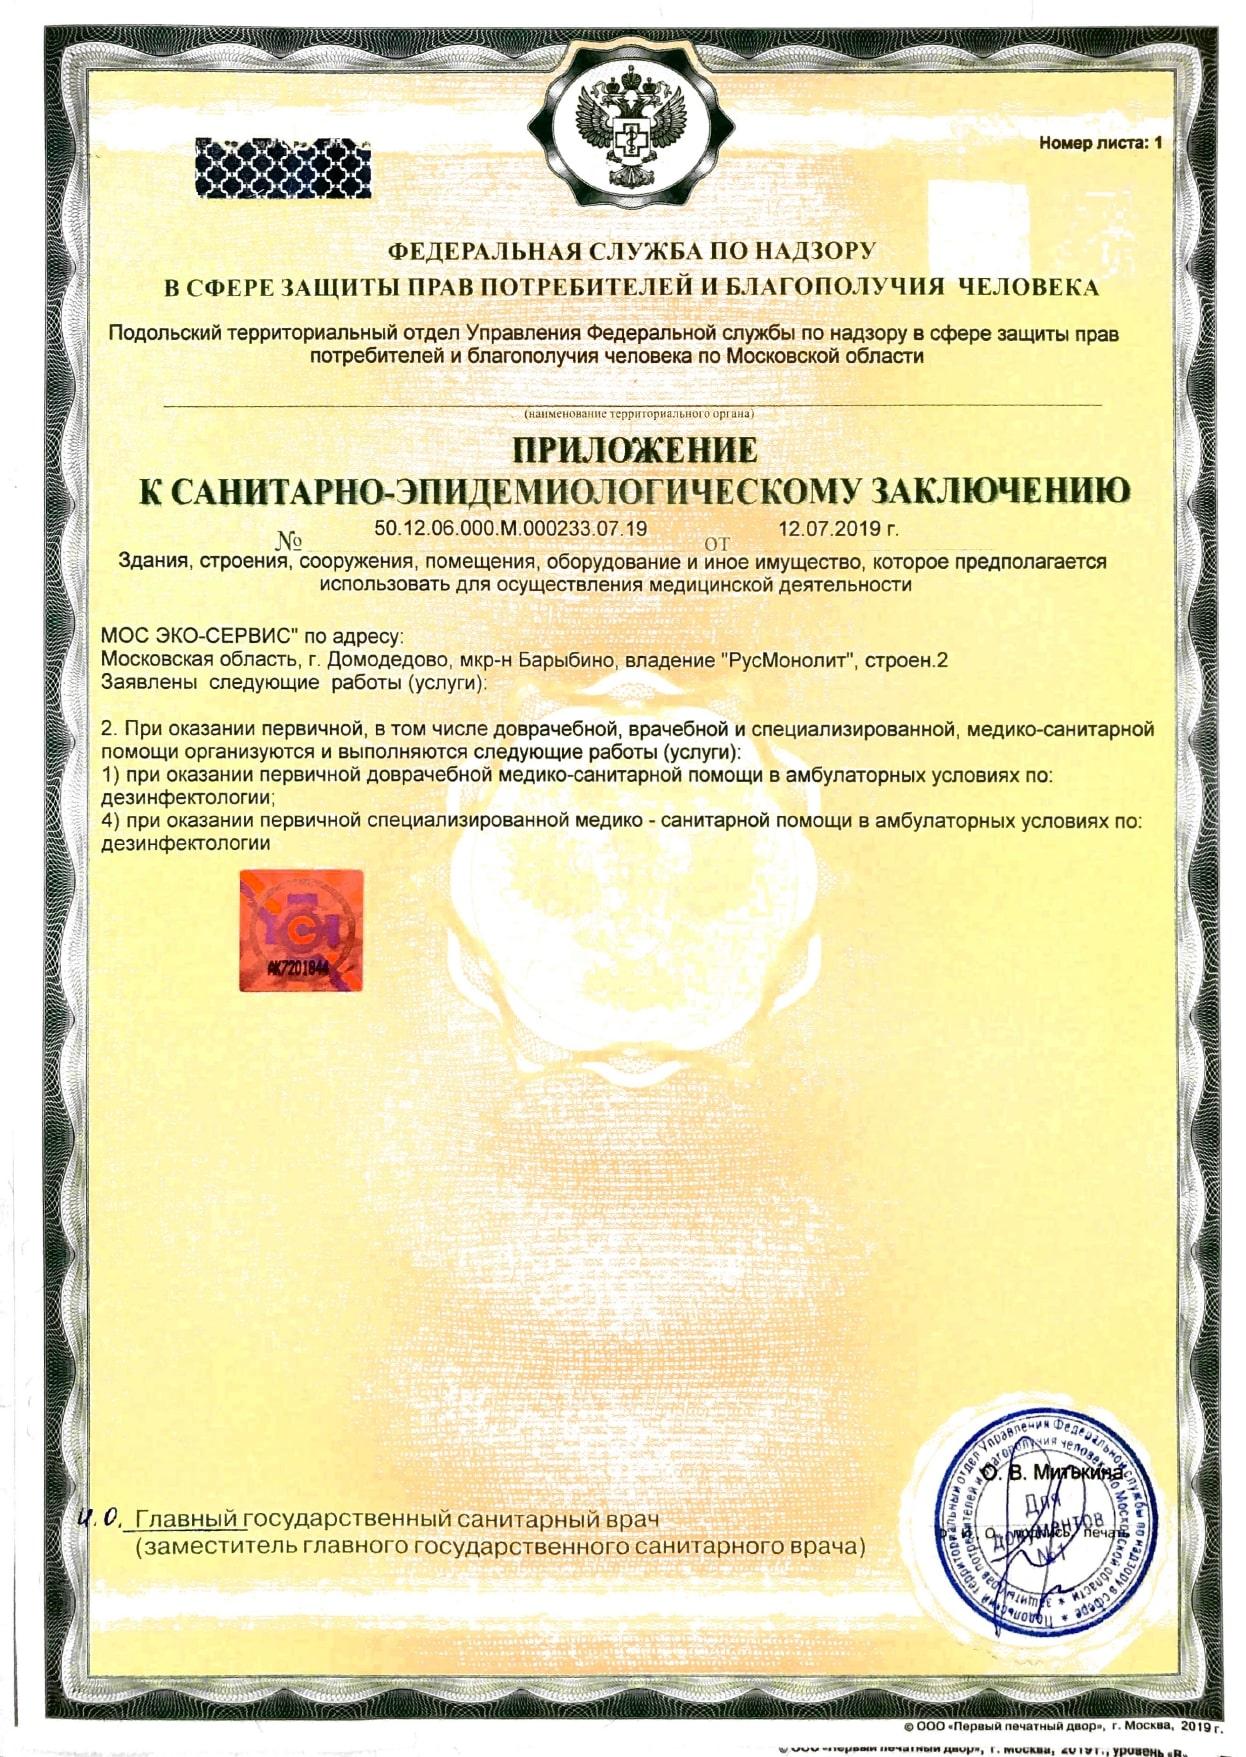 Санитарно-эпидемиологическое заключение мос эко сервис